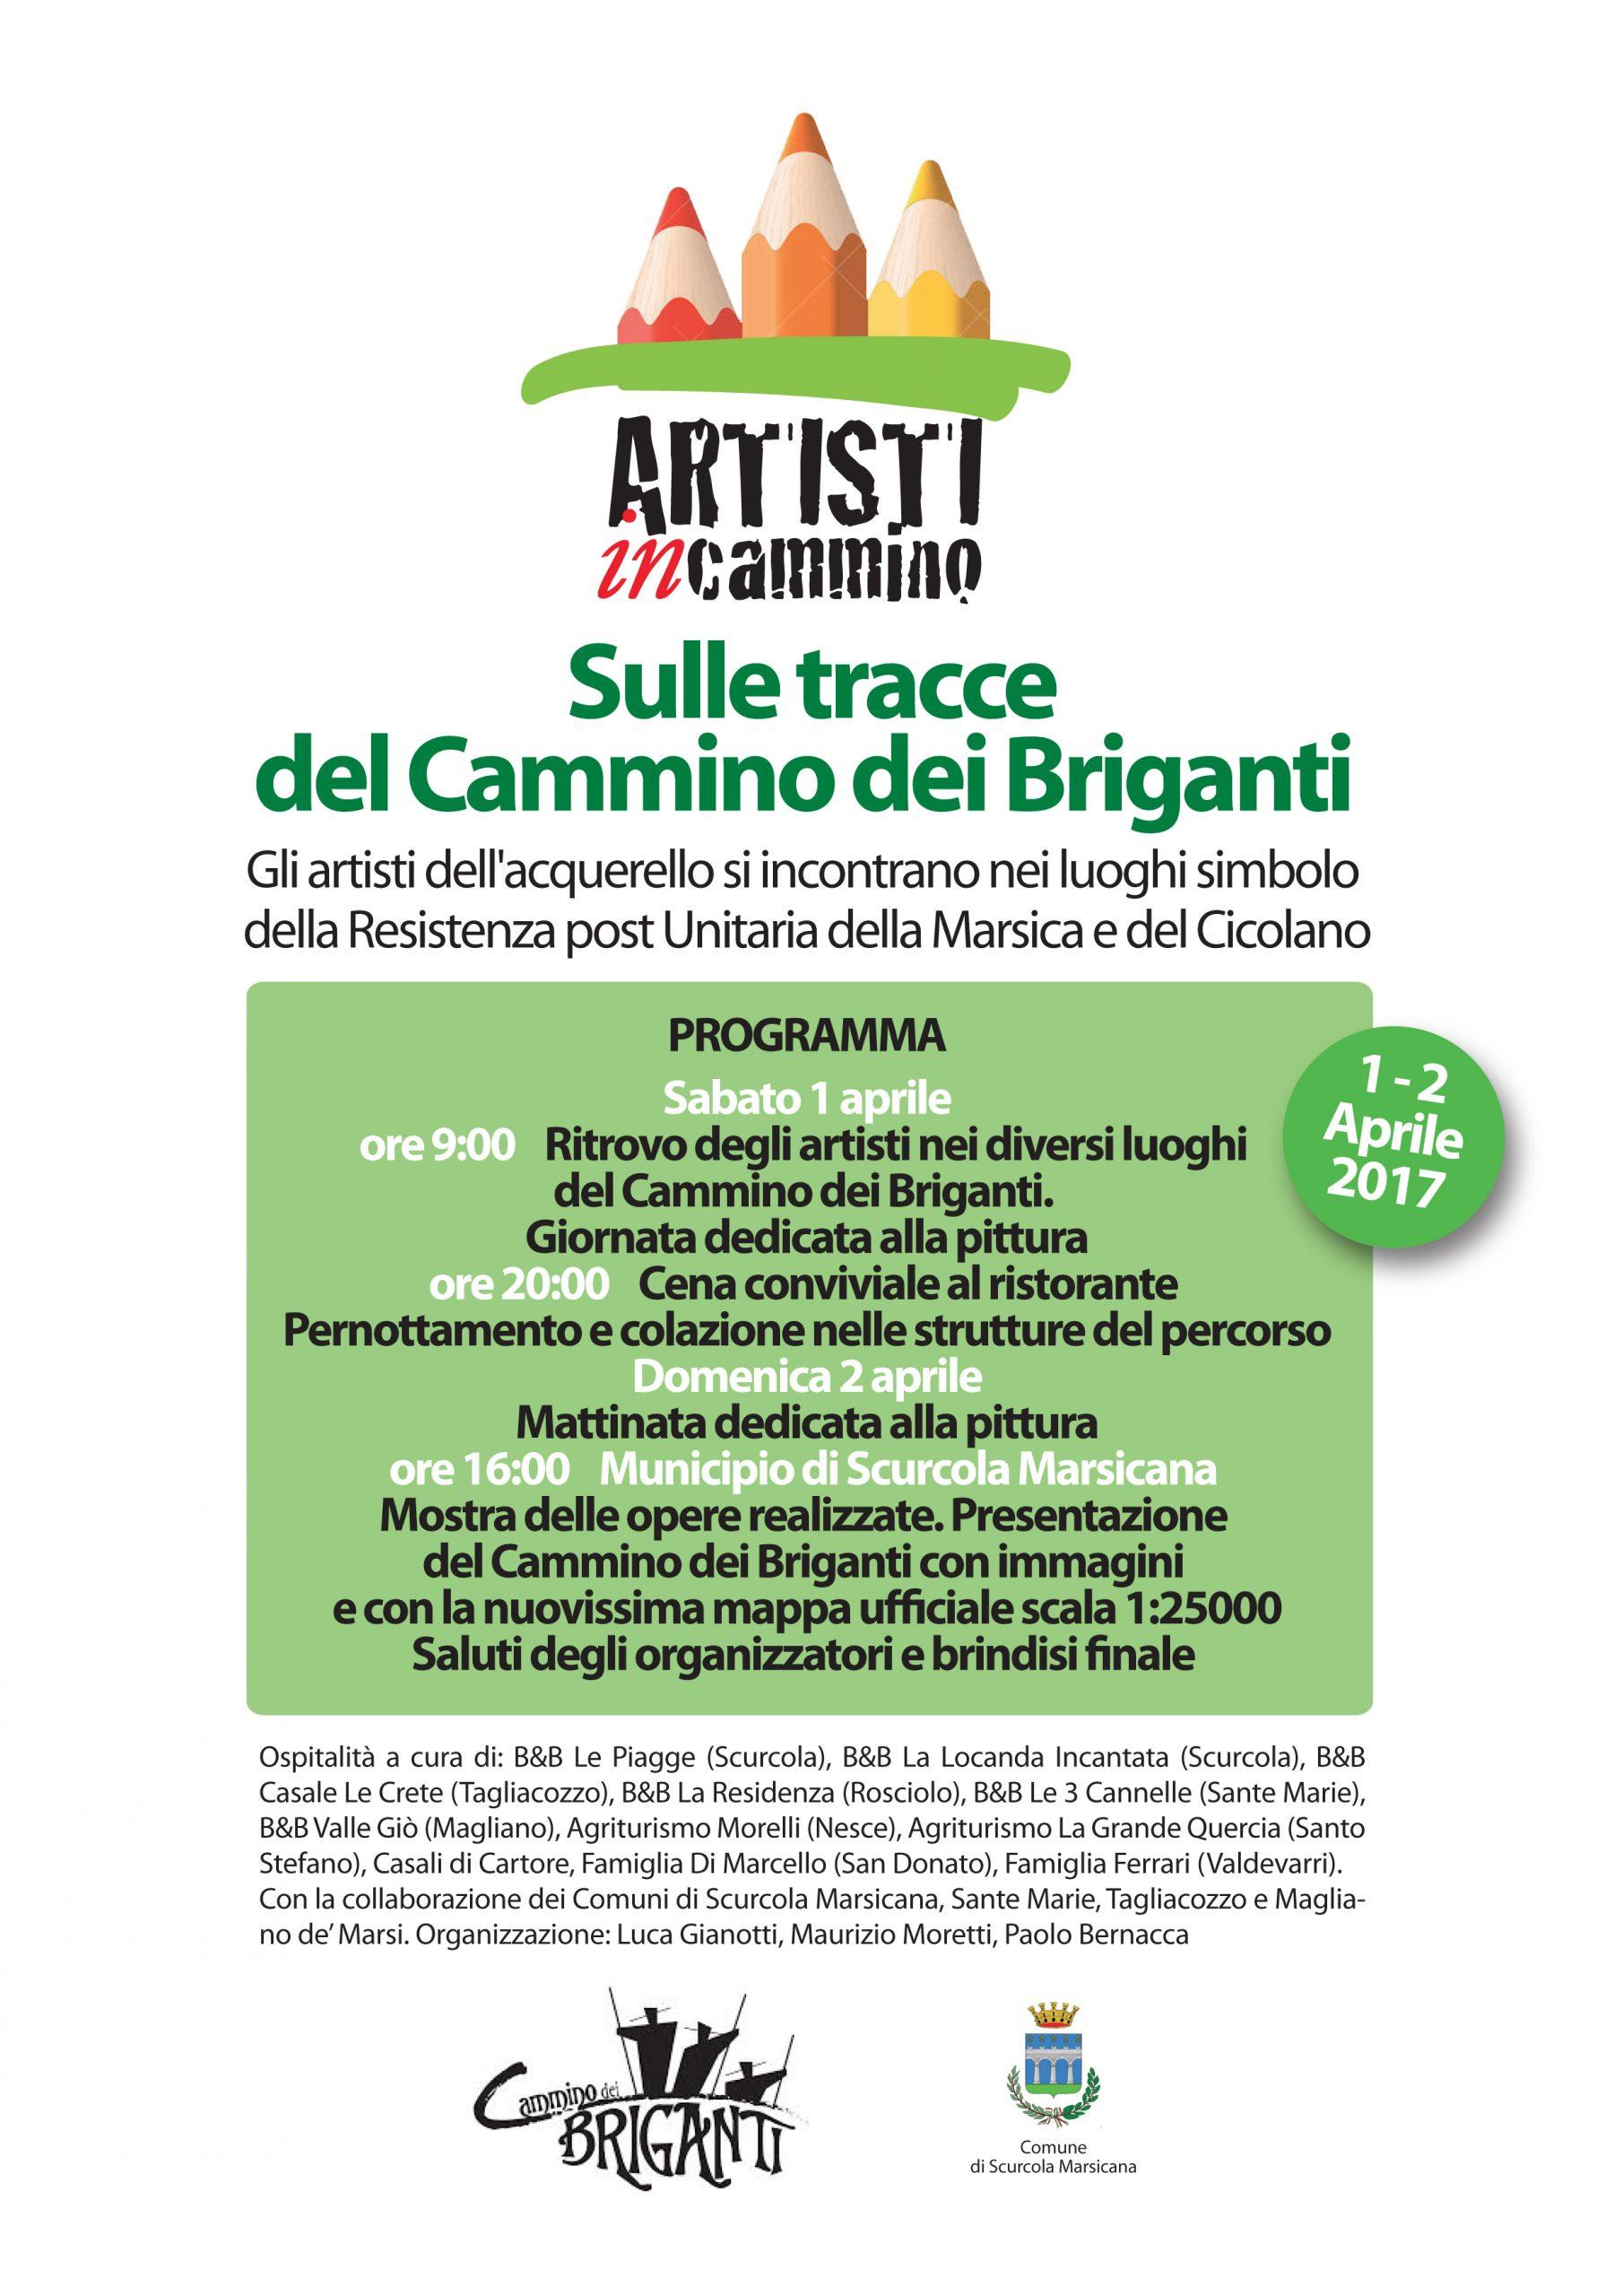 Artisti in Cammino sulle tracce del Cammino dei Briganti